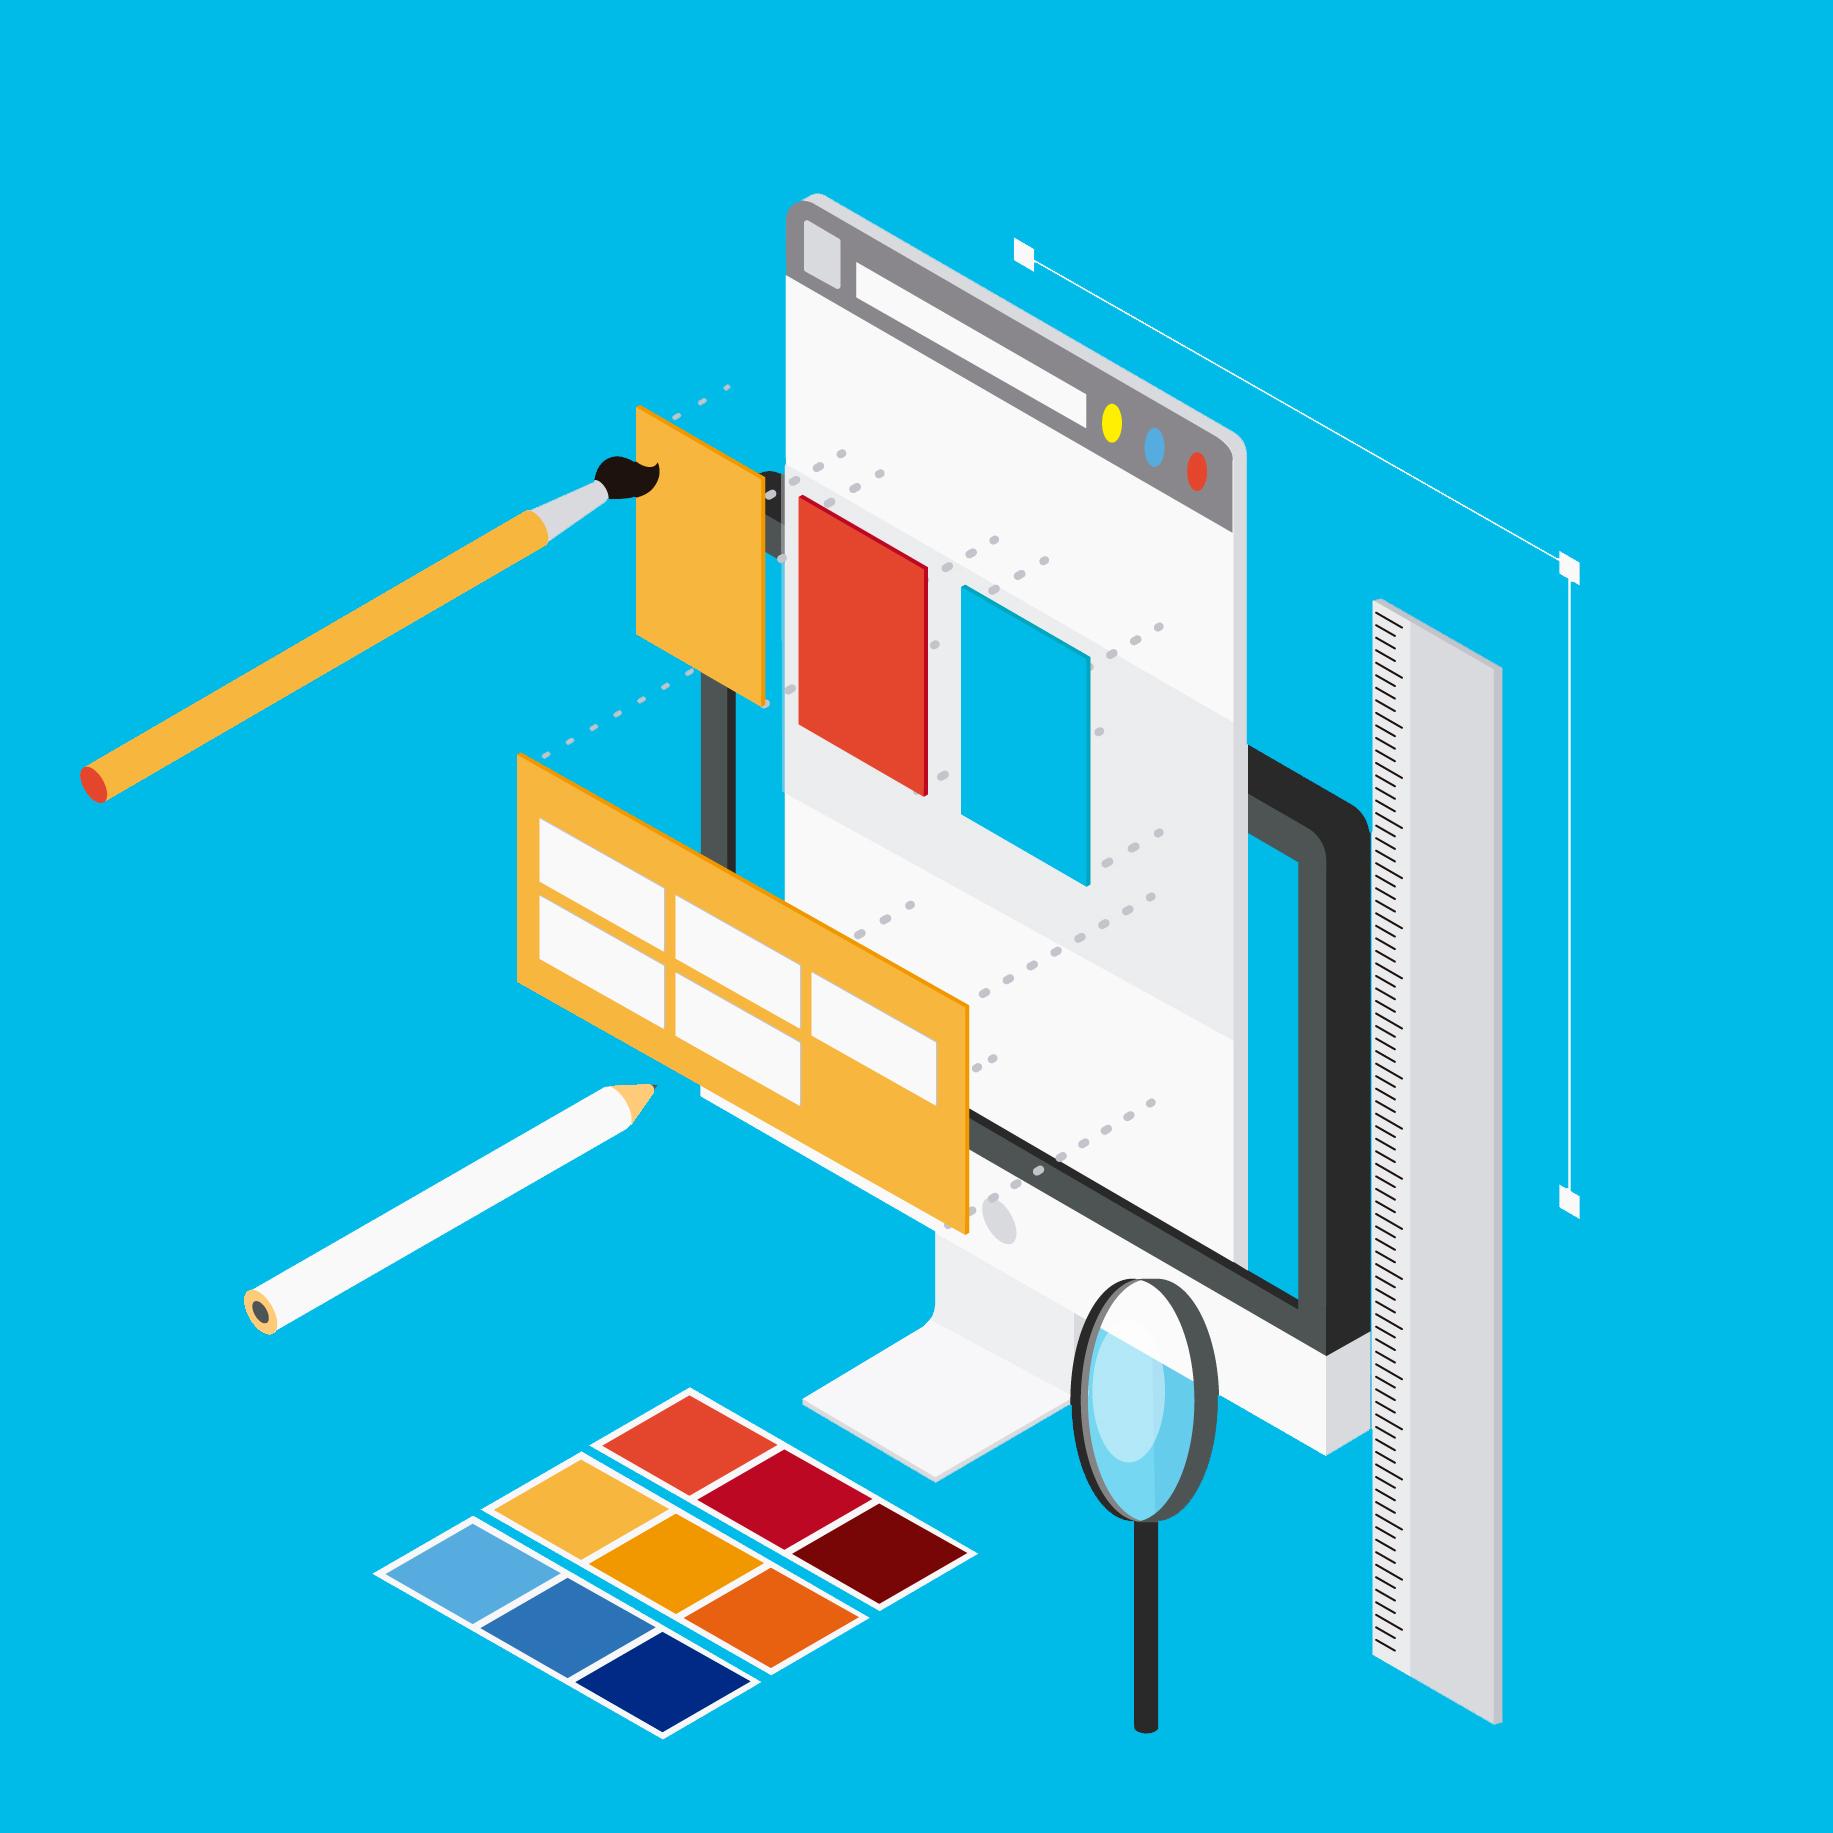 【初心者向け】基礎のHTMLコーディング手順とやり方まとめ【 WEBサイト制作】